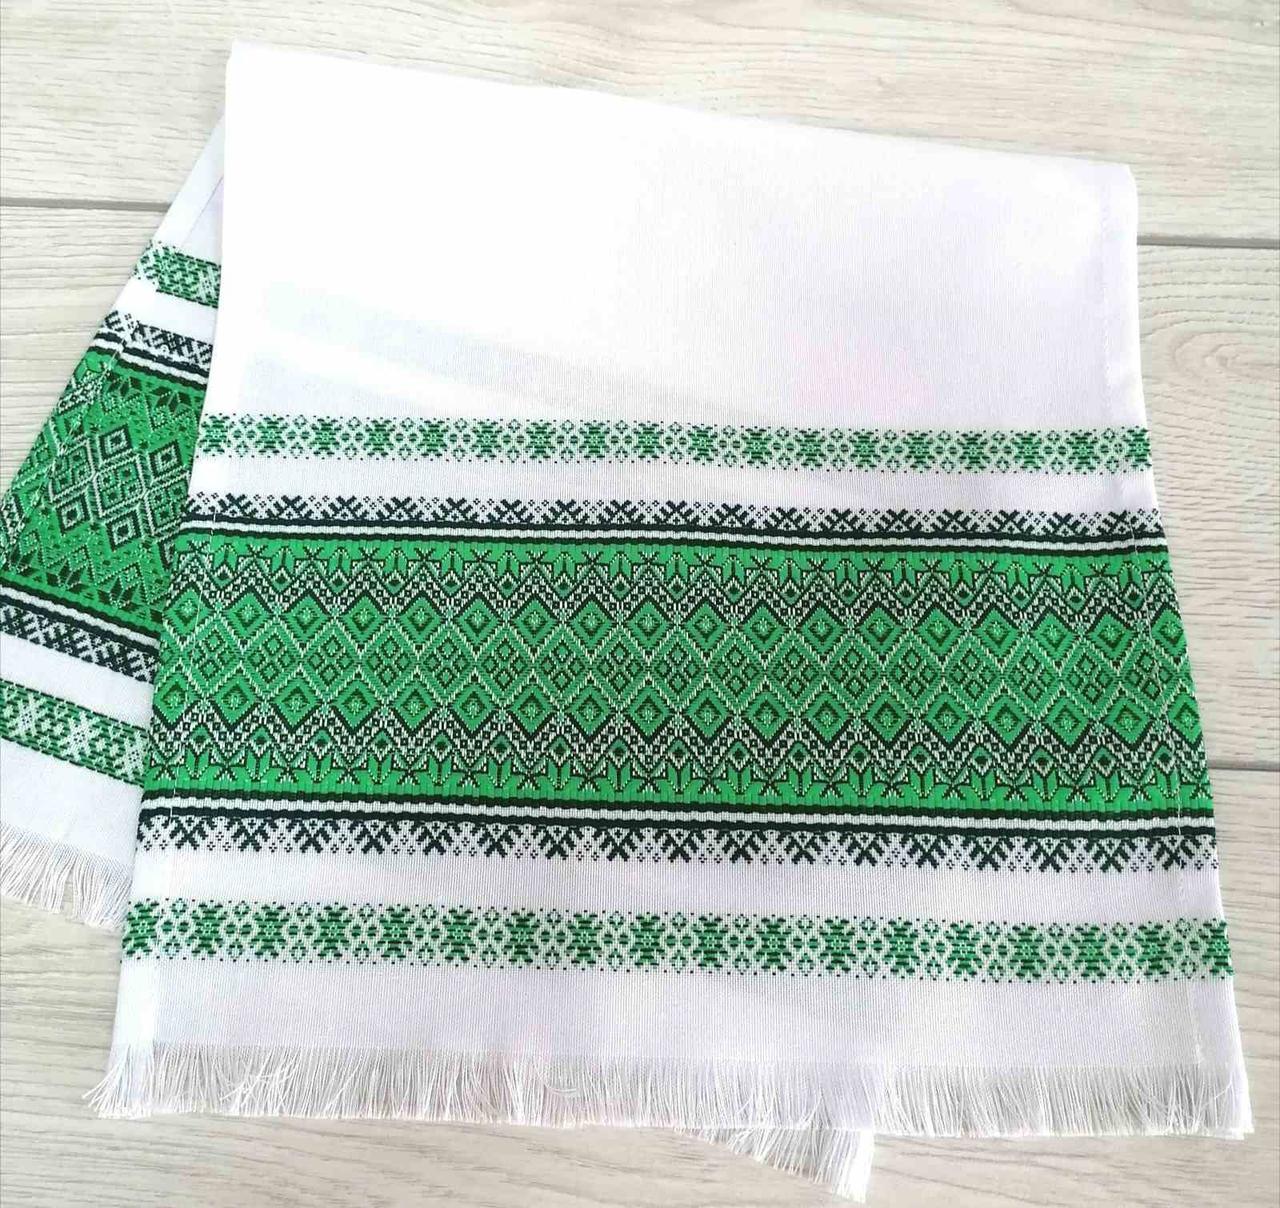 Тканый льняной рушник Волинські візерунки с зеленым орнаментом 68 см